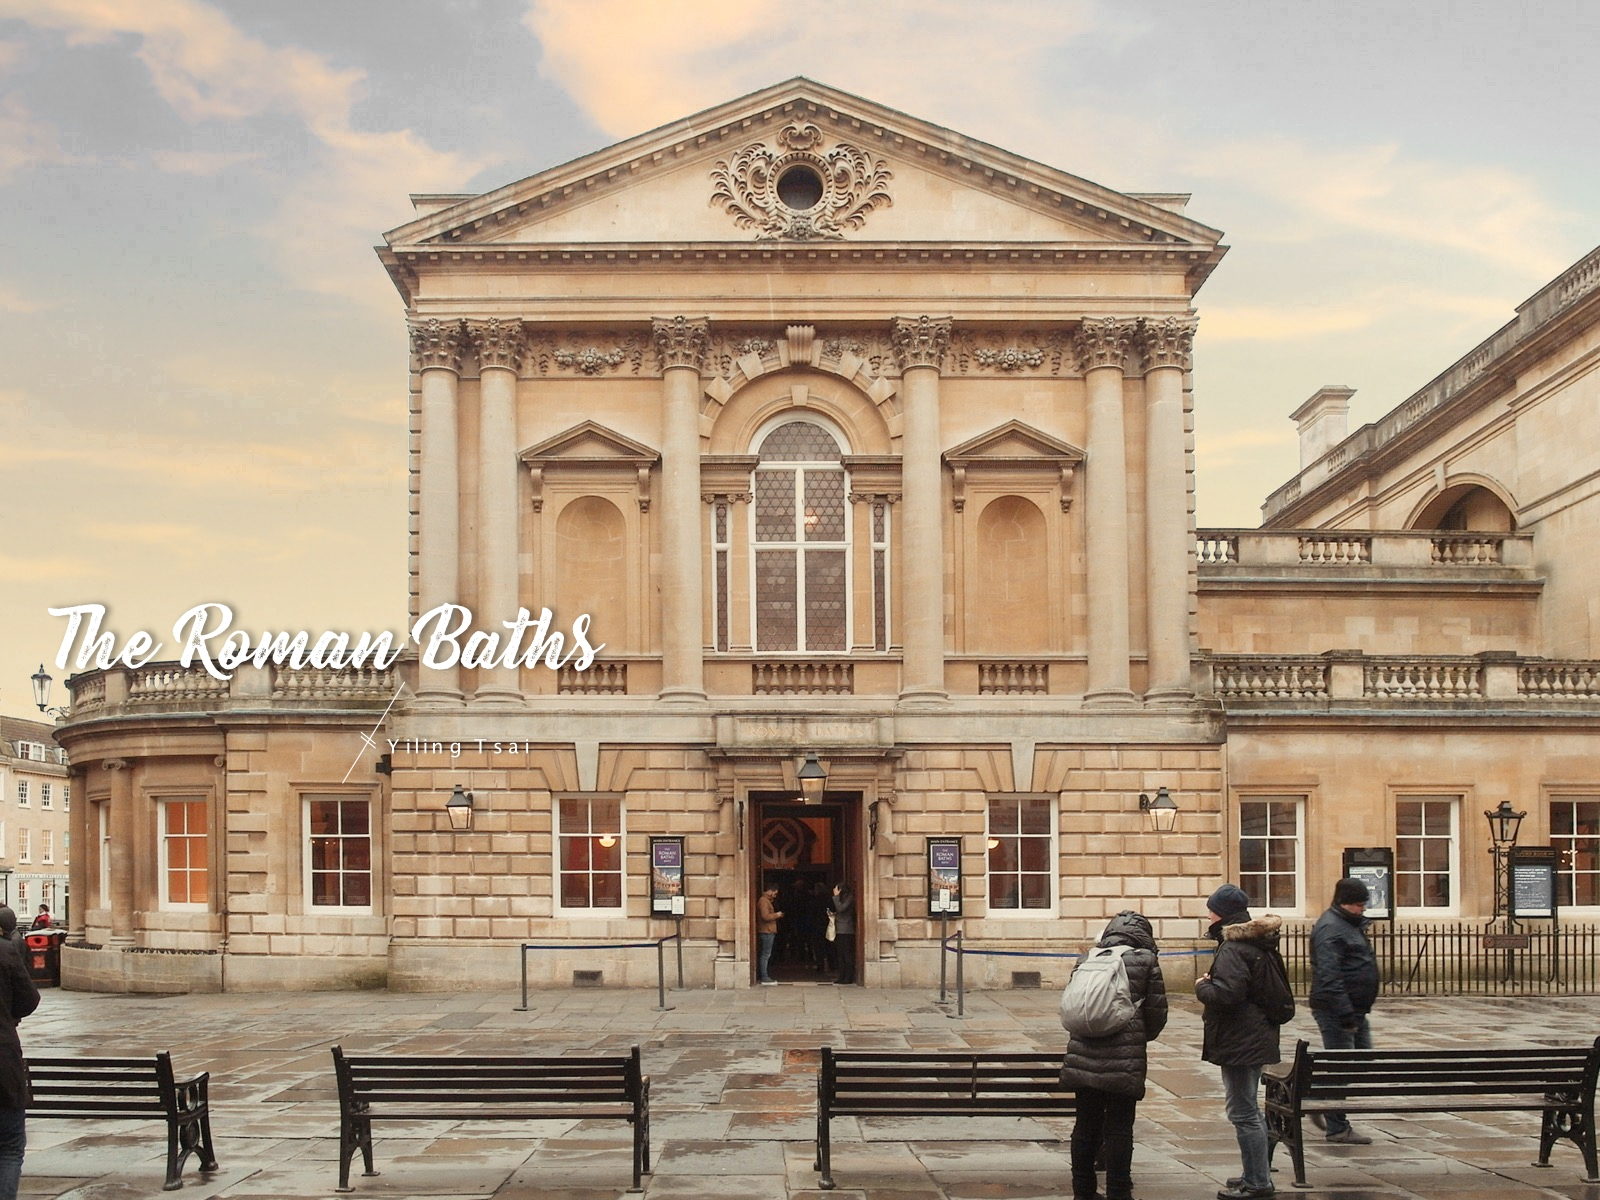 英國巴斯景點 羅馬浴場 The Roman Baths 中世紀露天溫泉